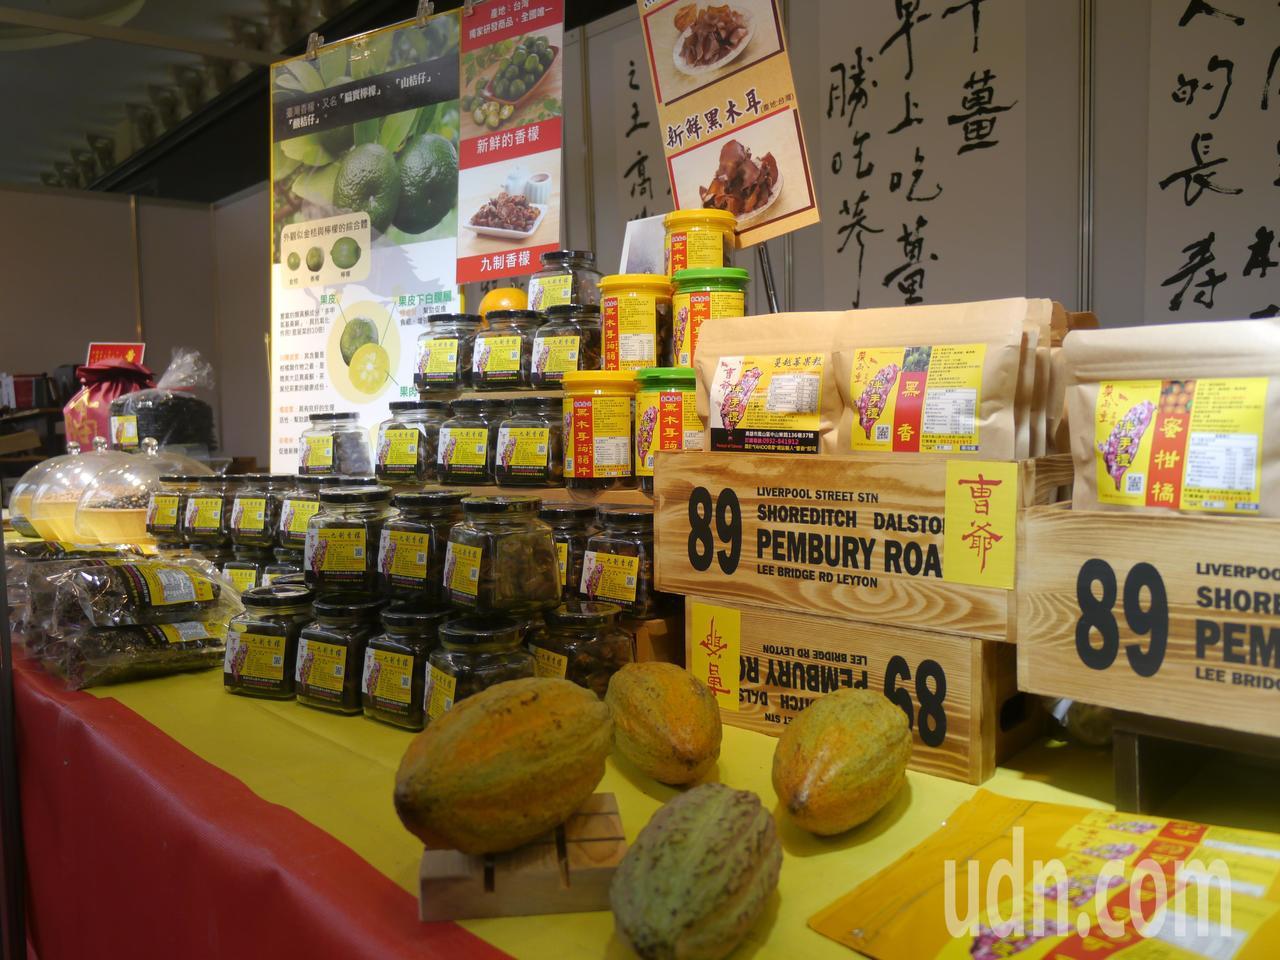 疏食攤位販售的商品眾多。記者徐白櫻/攝影